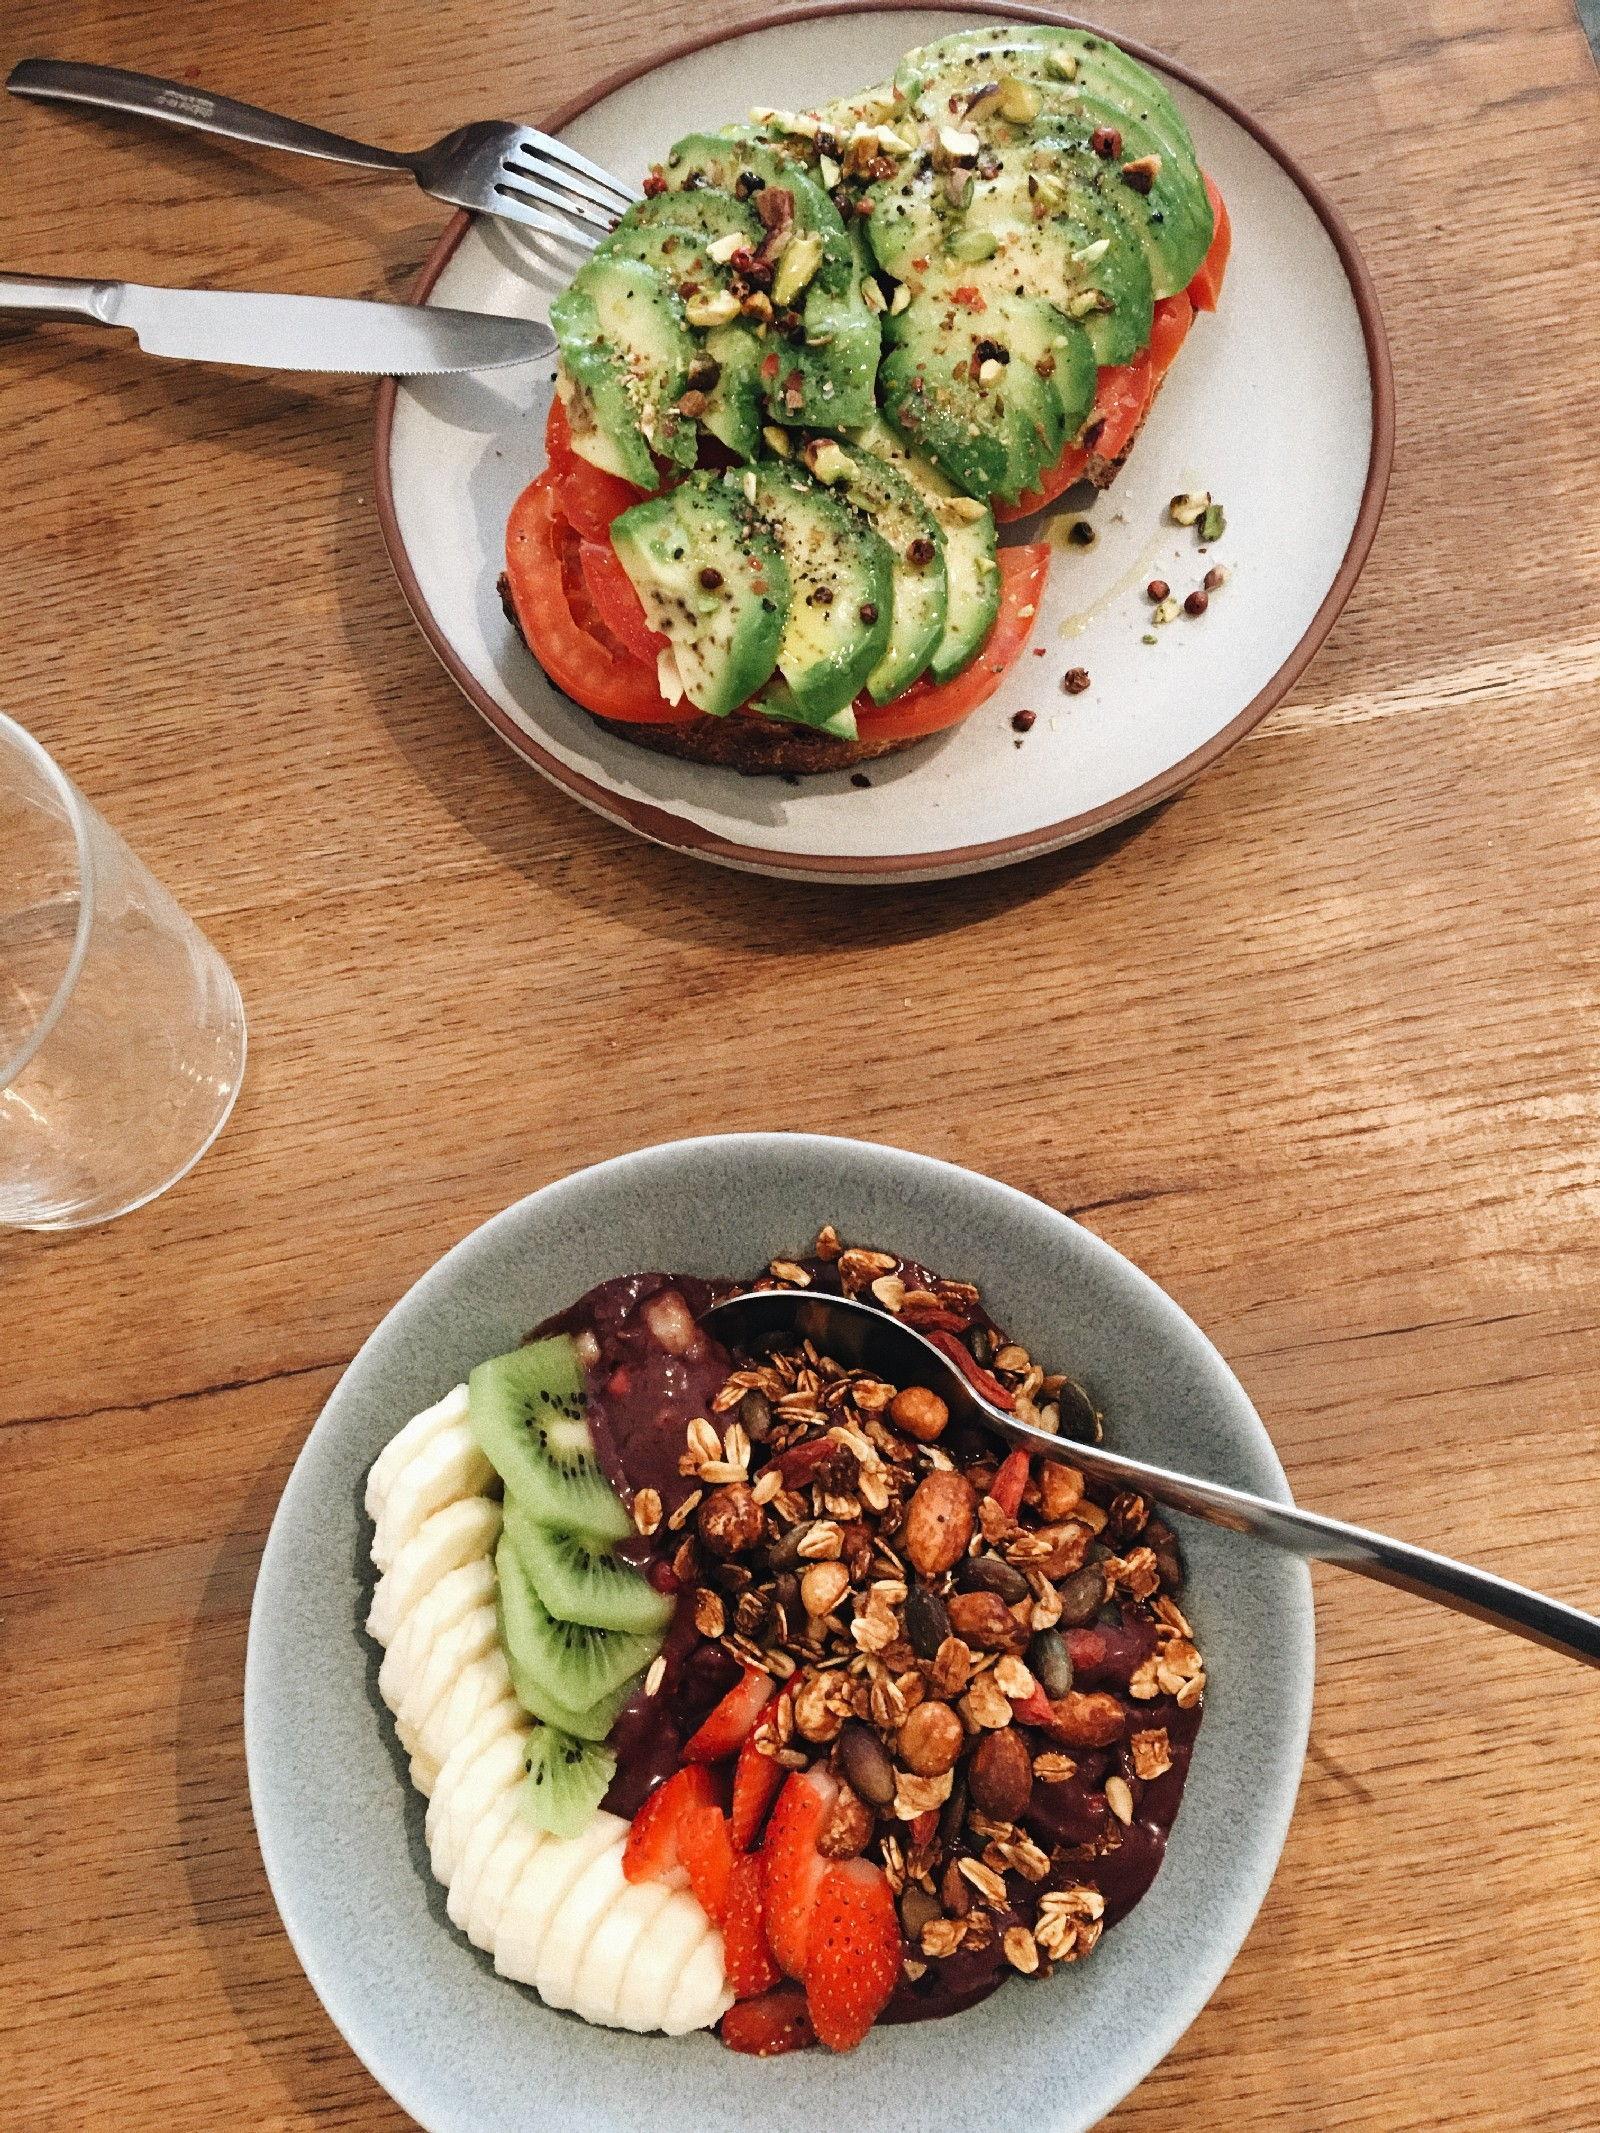 Acai Bowls and Avocado Toast